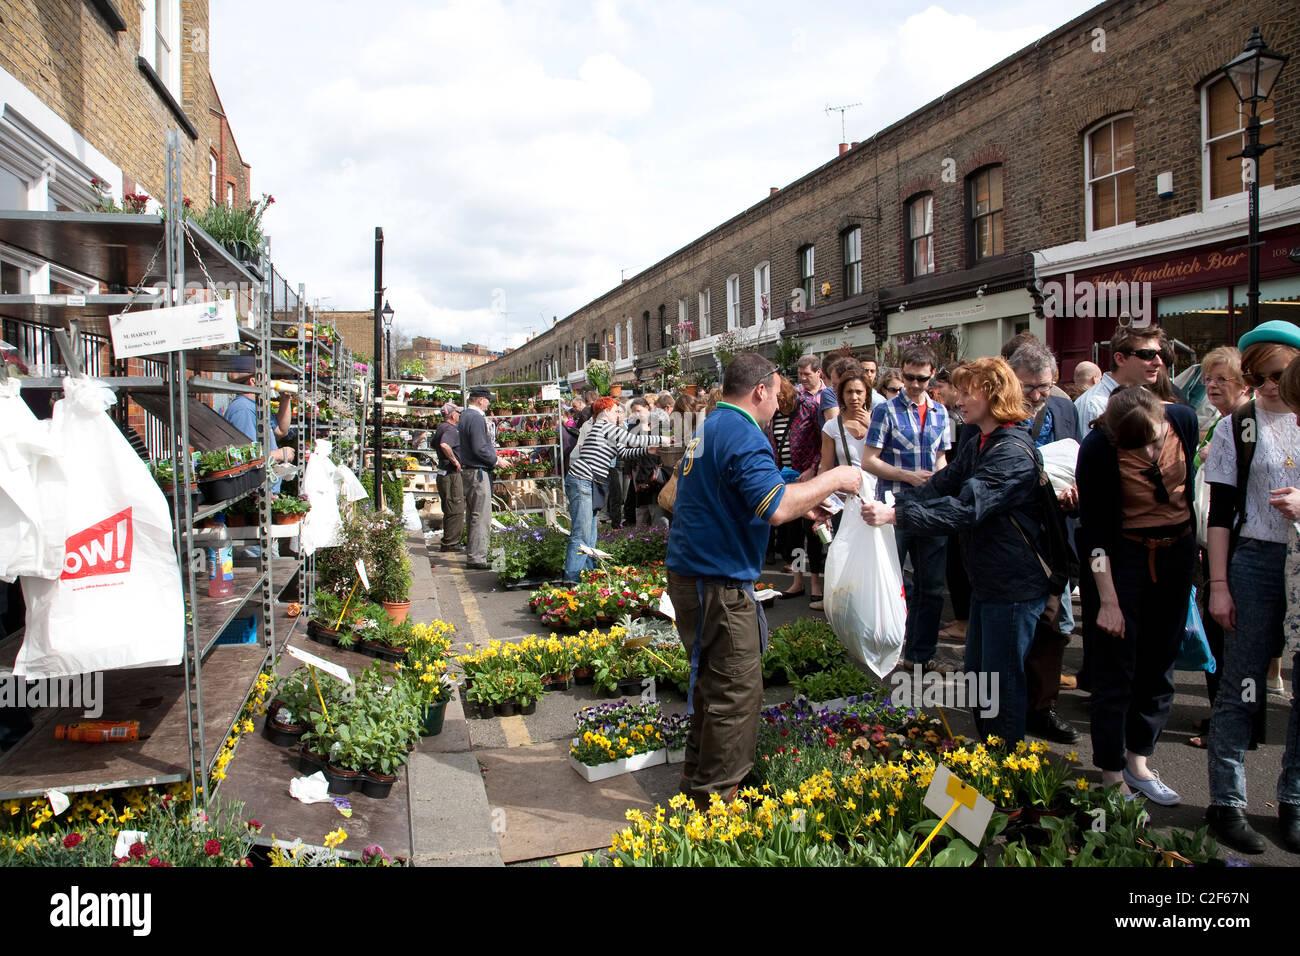 Columbia Road Flower Market situé dans l'Est de Londres, Angleterre, Royaume-Uni. Photo:Jeff Gilbert Photo Stock